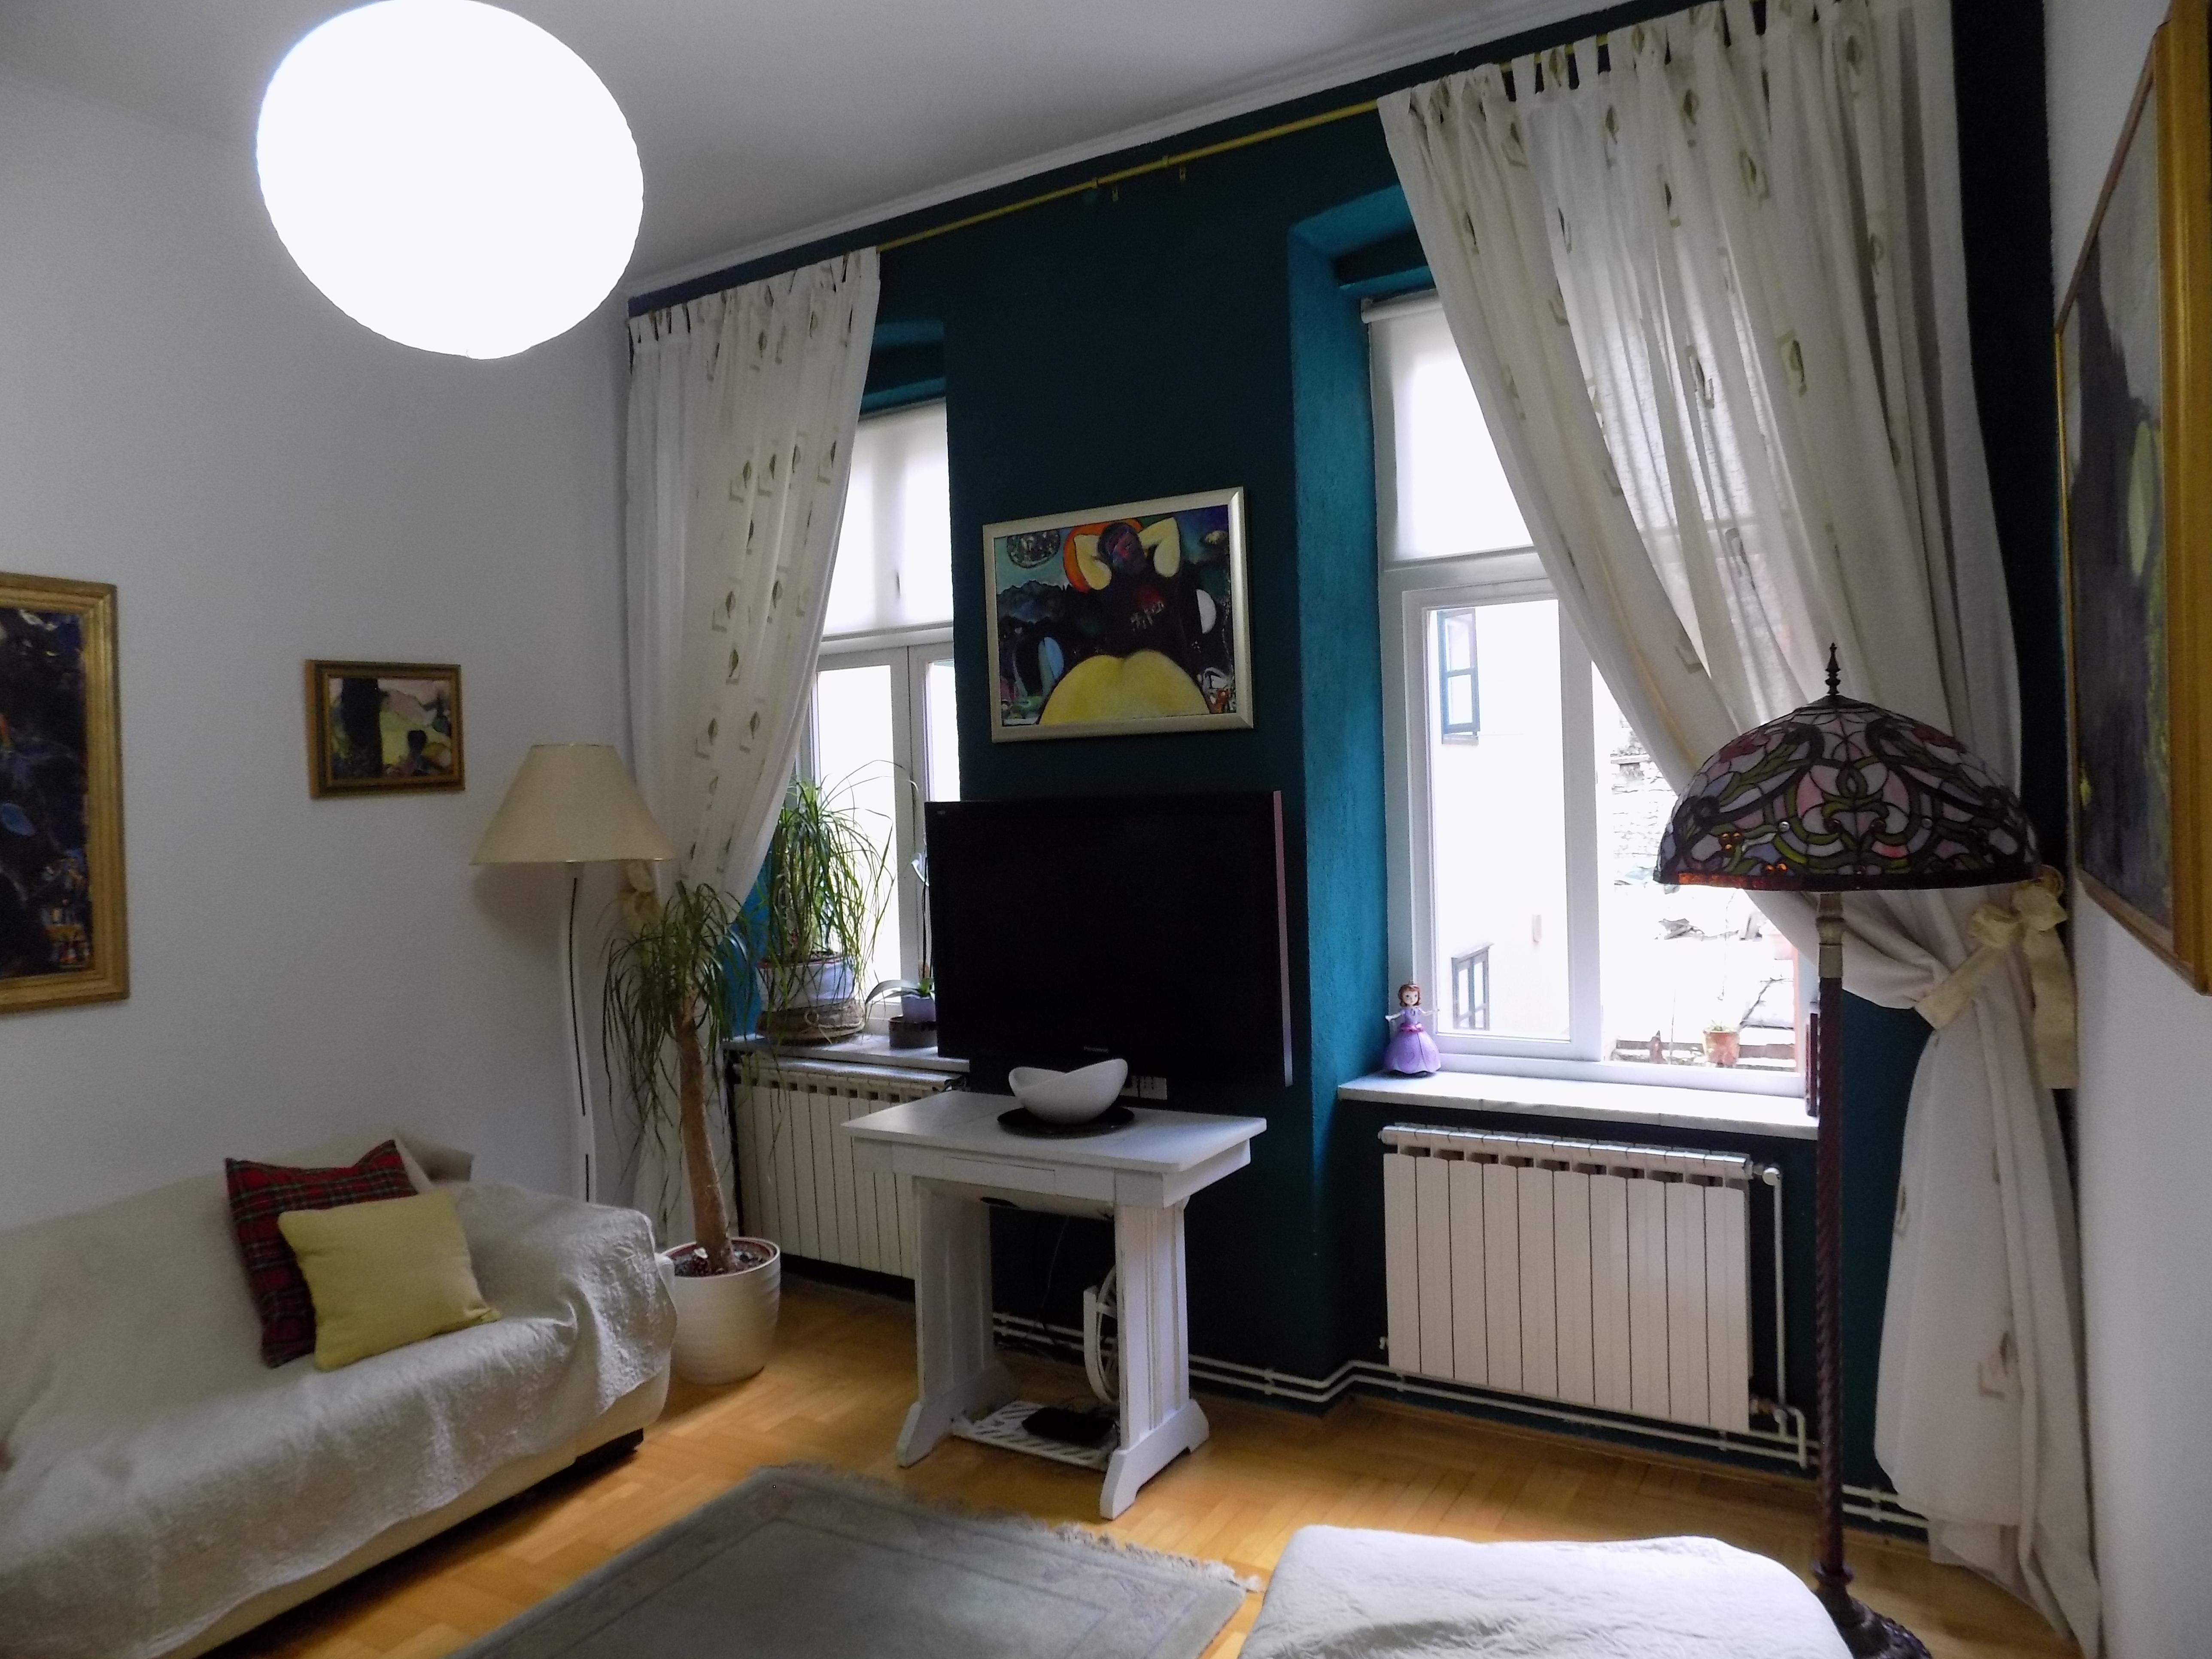 Zagreb, Gornji grad, 60 m2